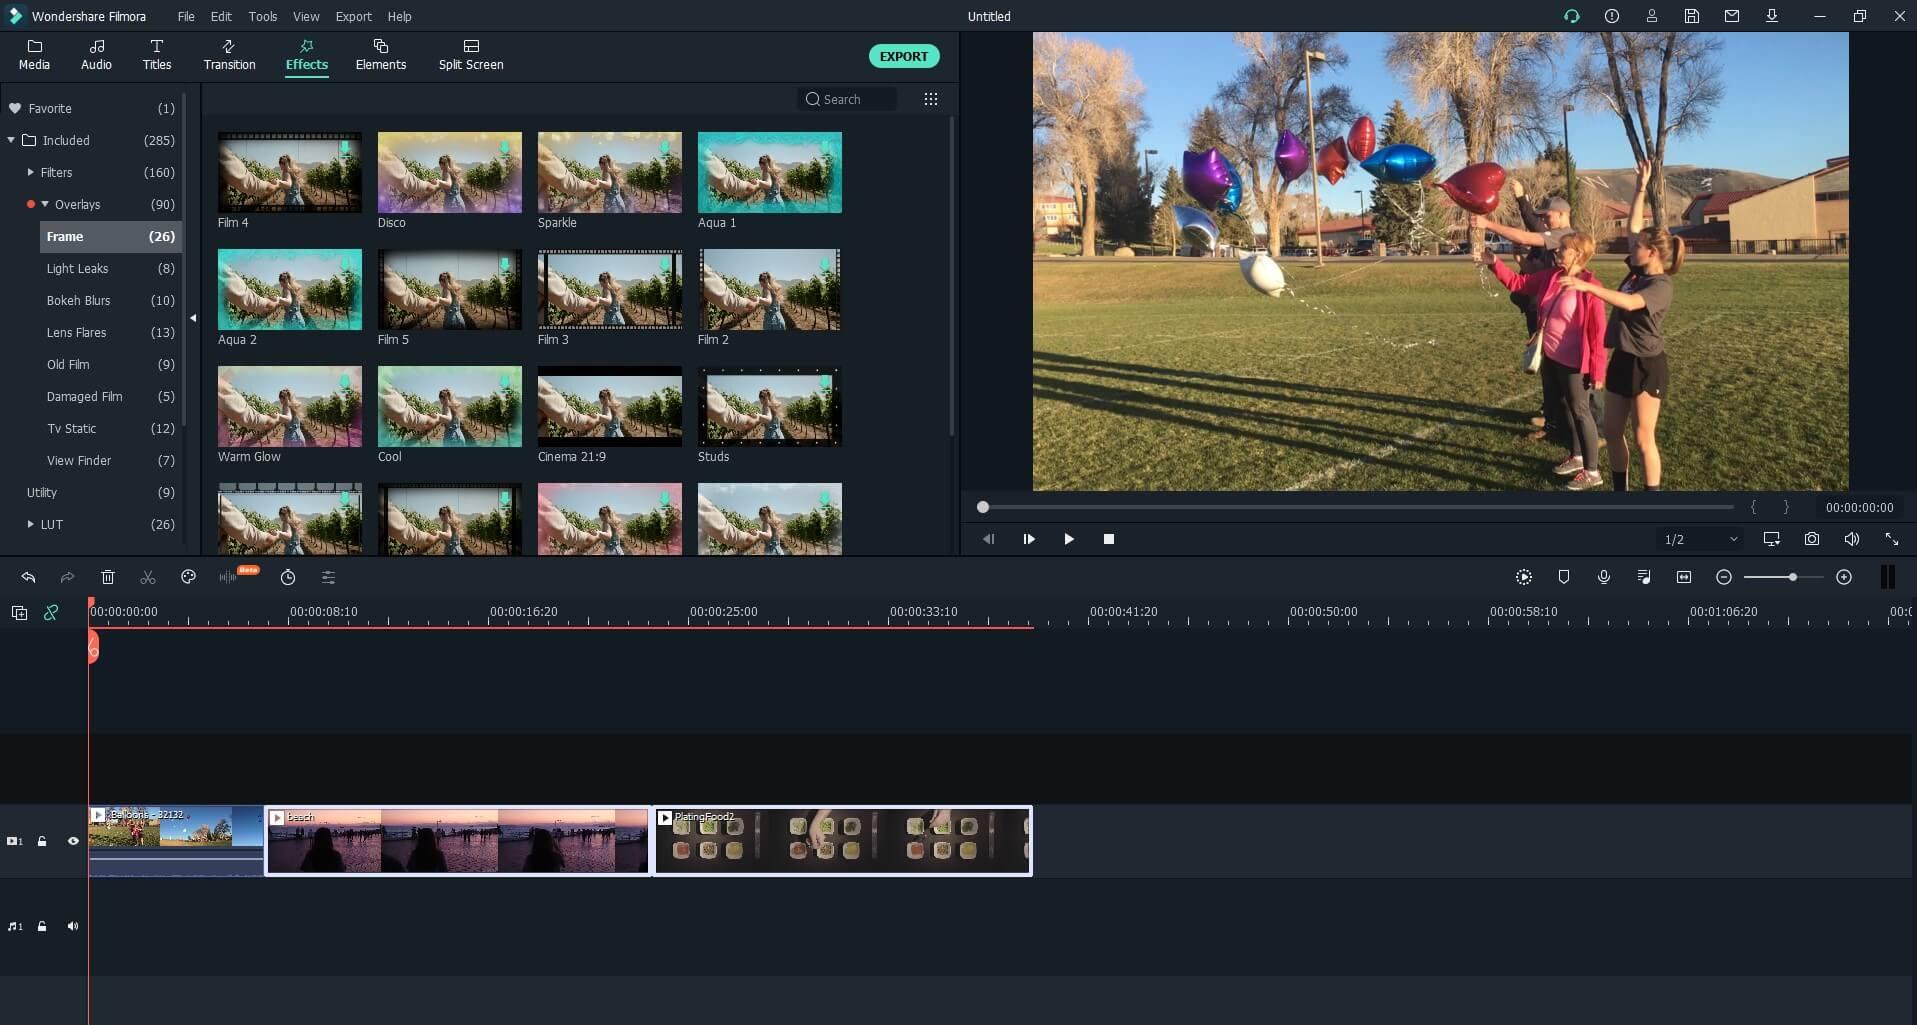 Filmora Tiktok Video Editor